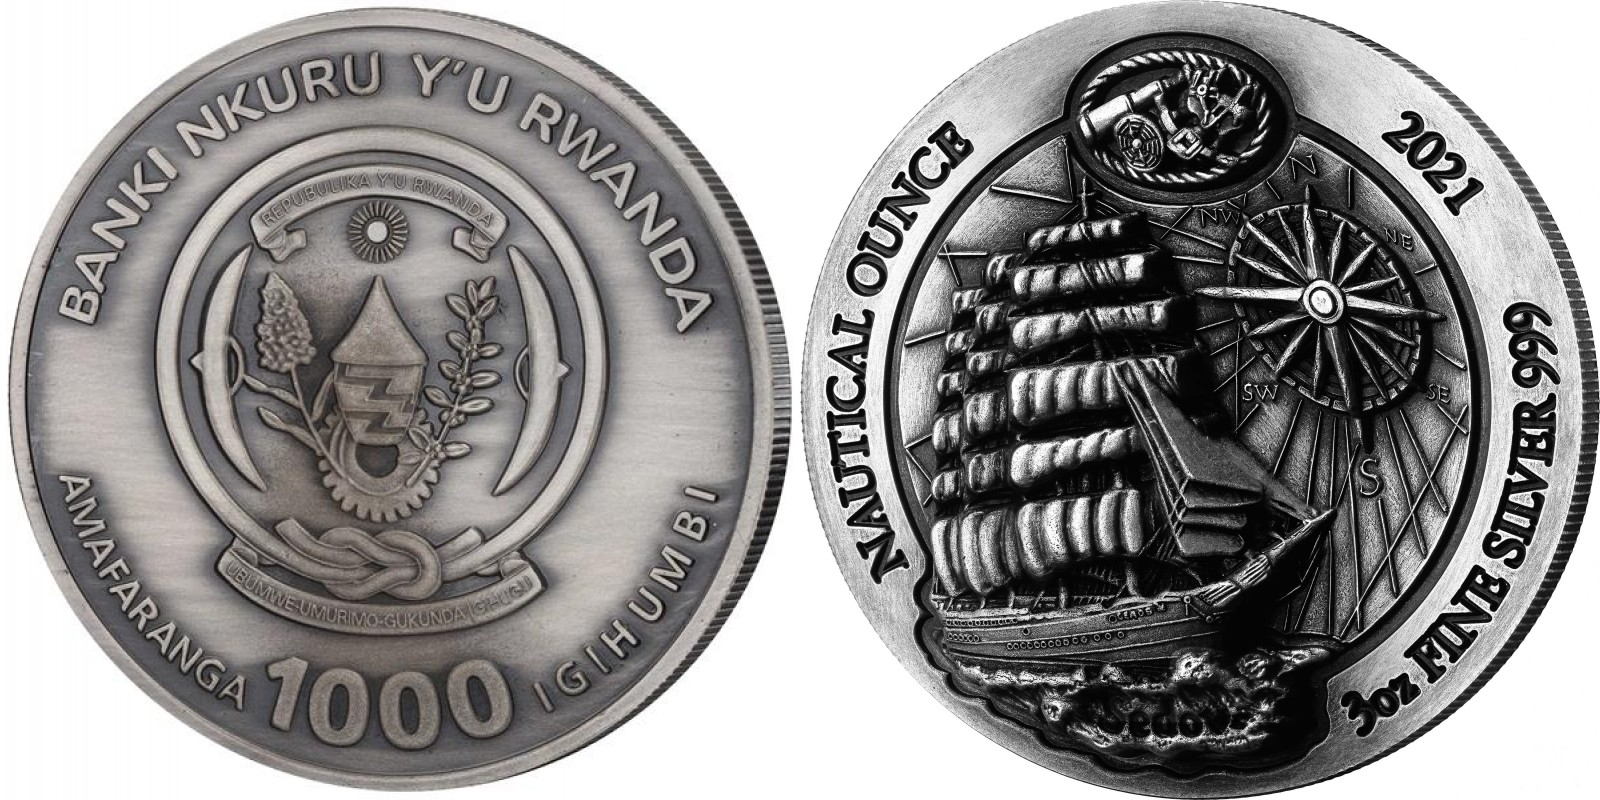 rwanda-2021-once-nautique-sedov-antique-3-oz